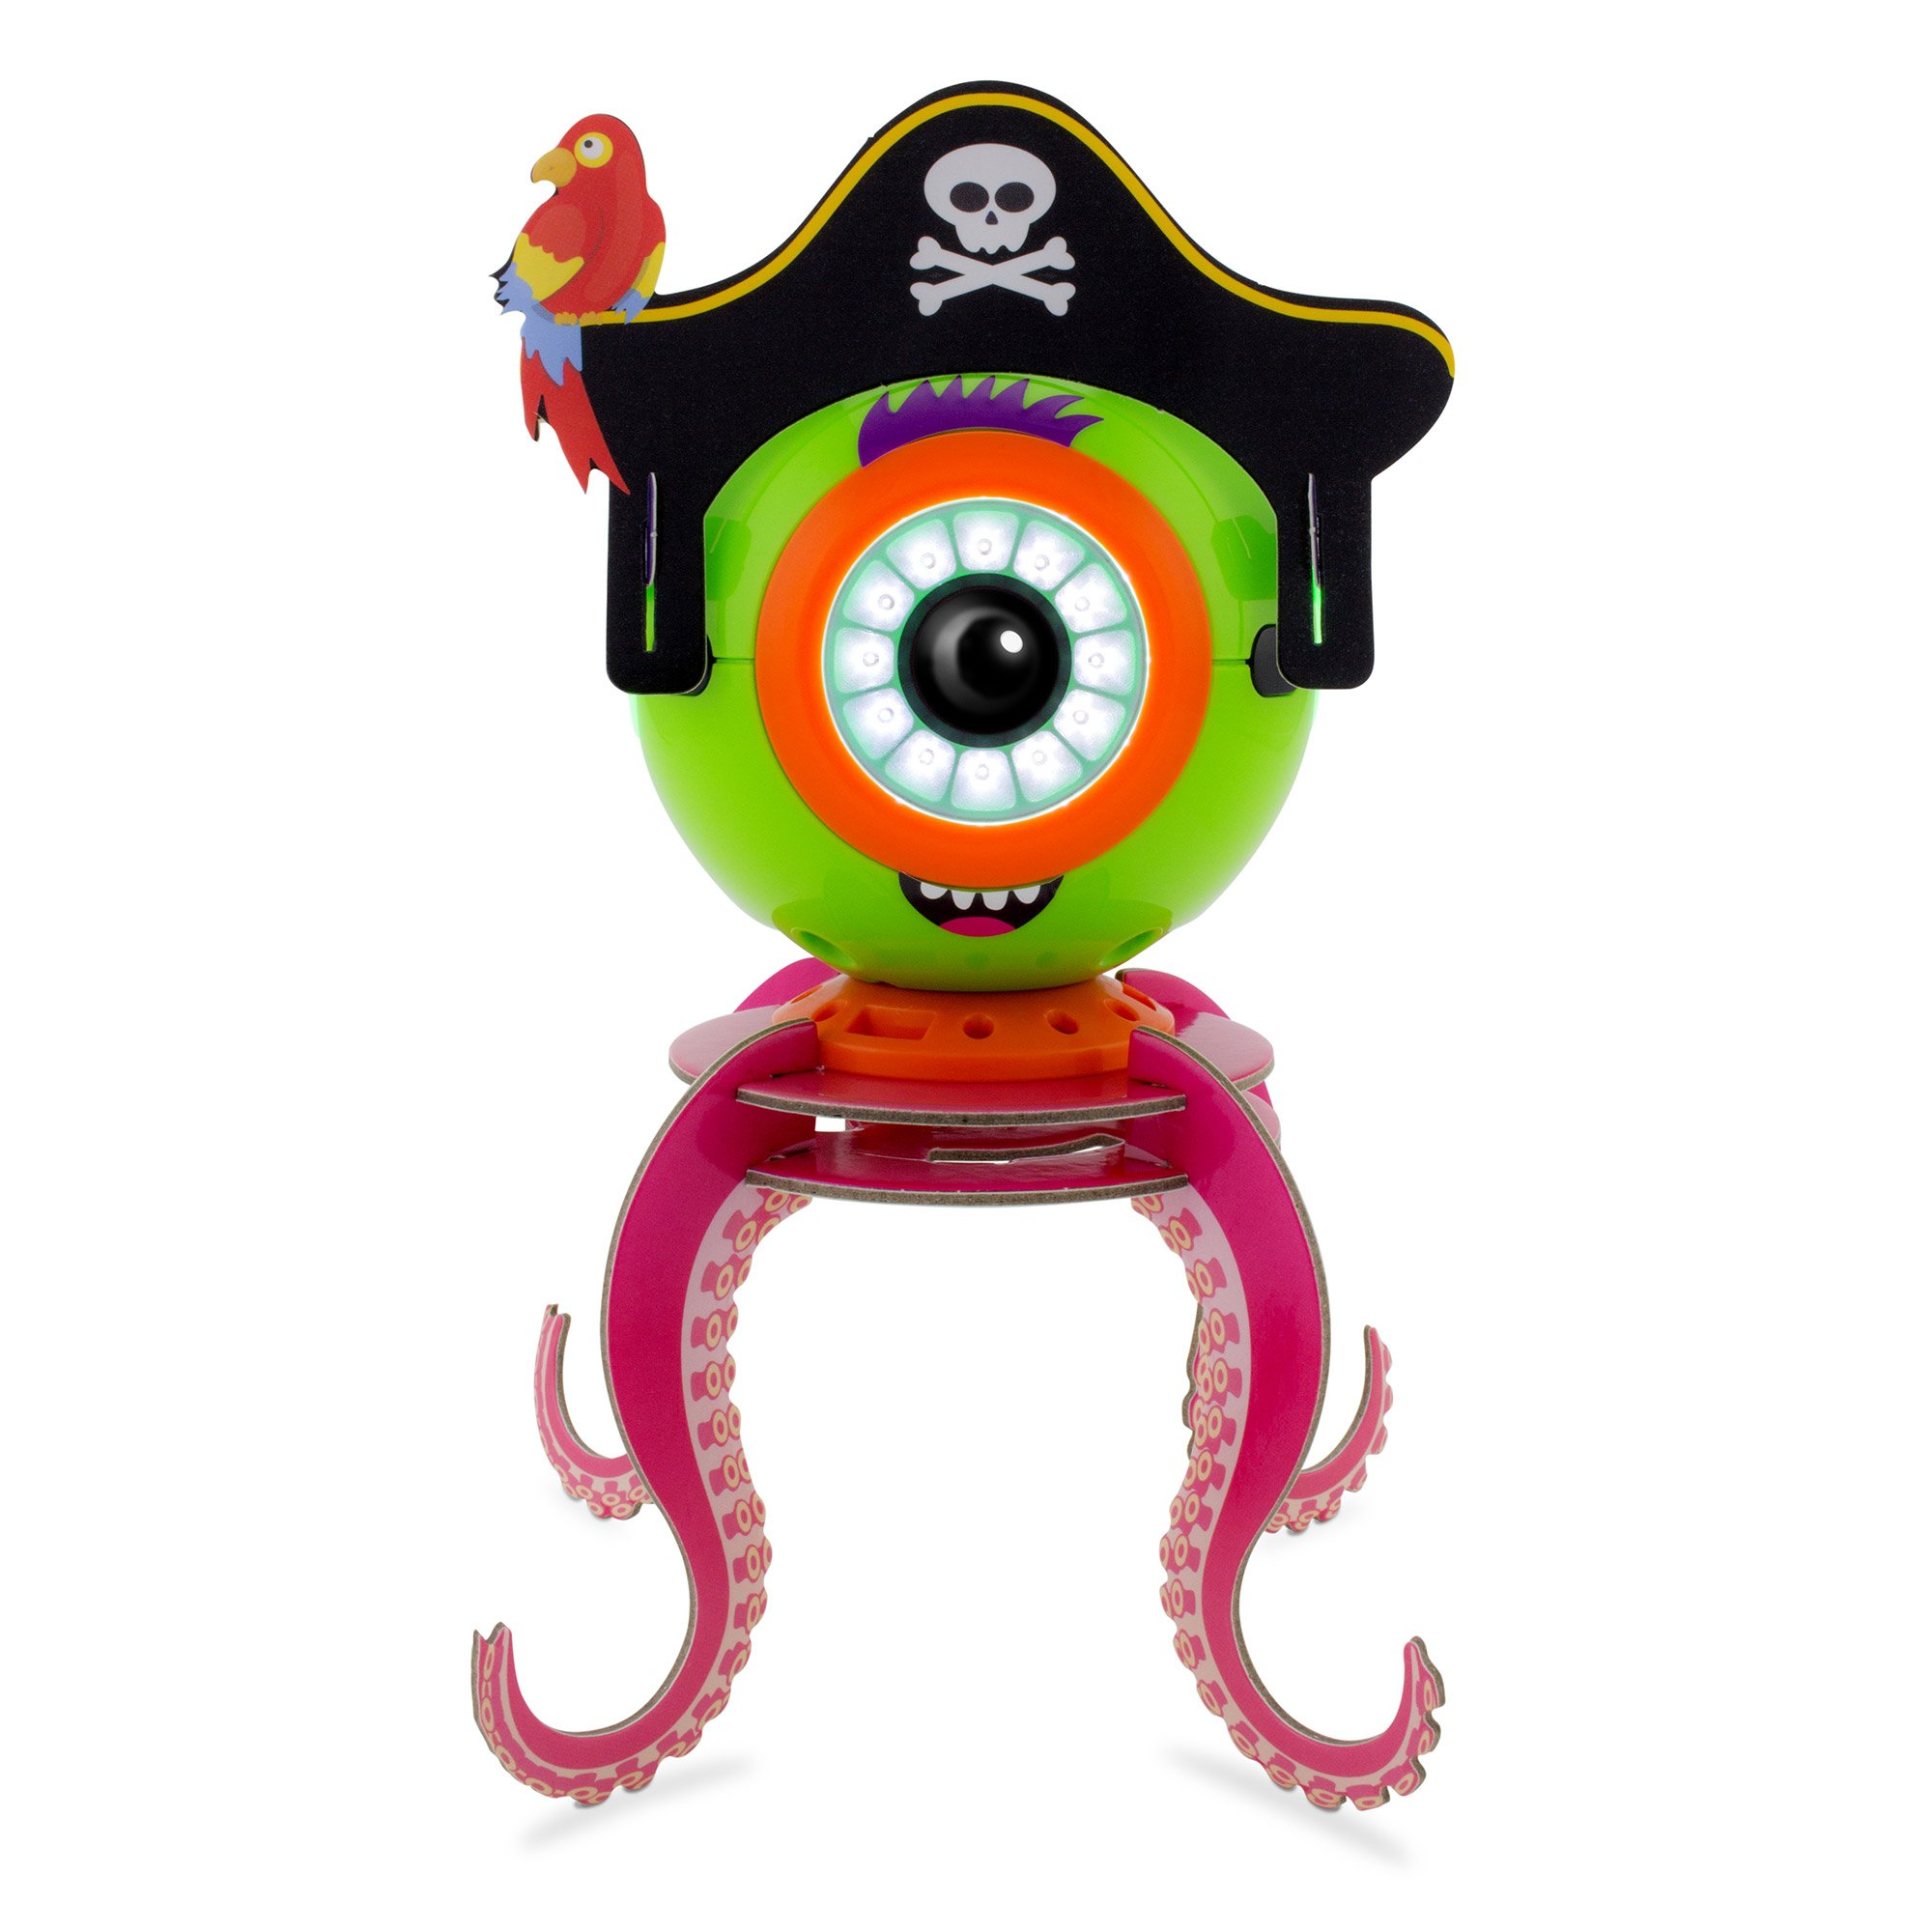 Wonder Workshop Dot Creativity Kit Robot by Wonder Workshop (Image #3)